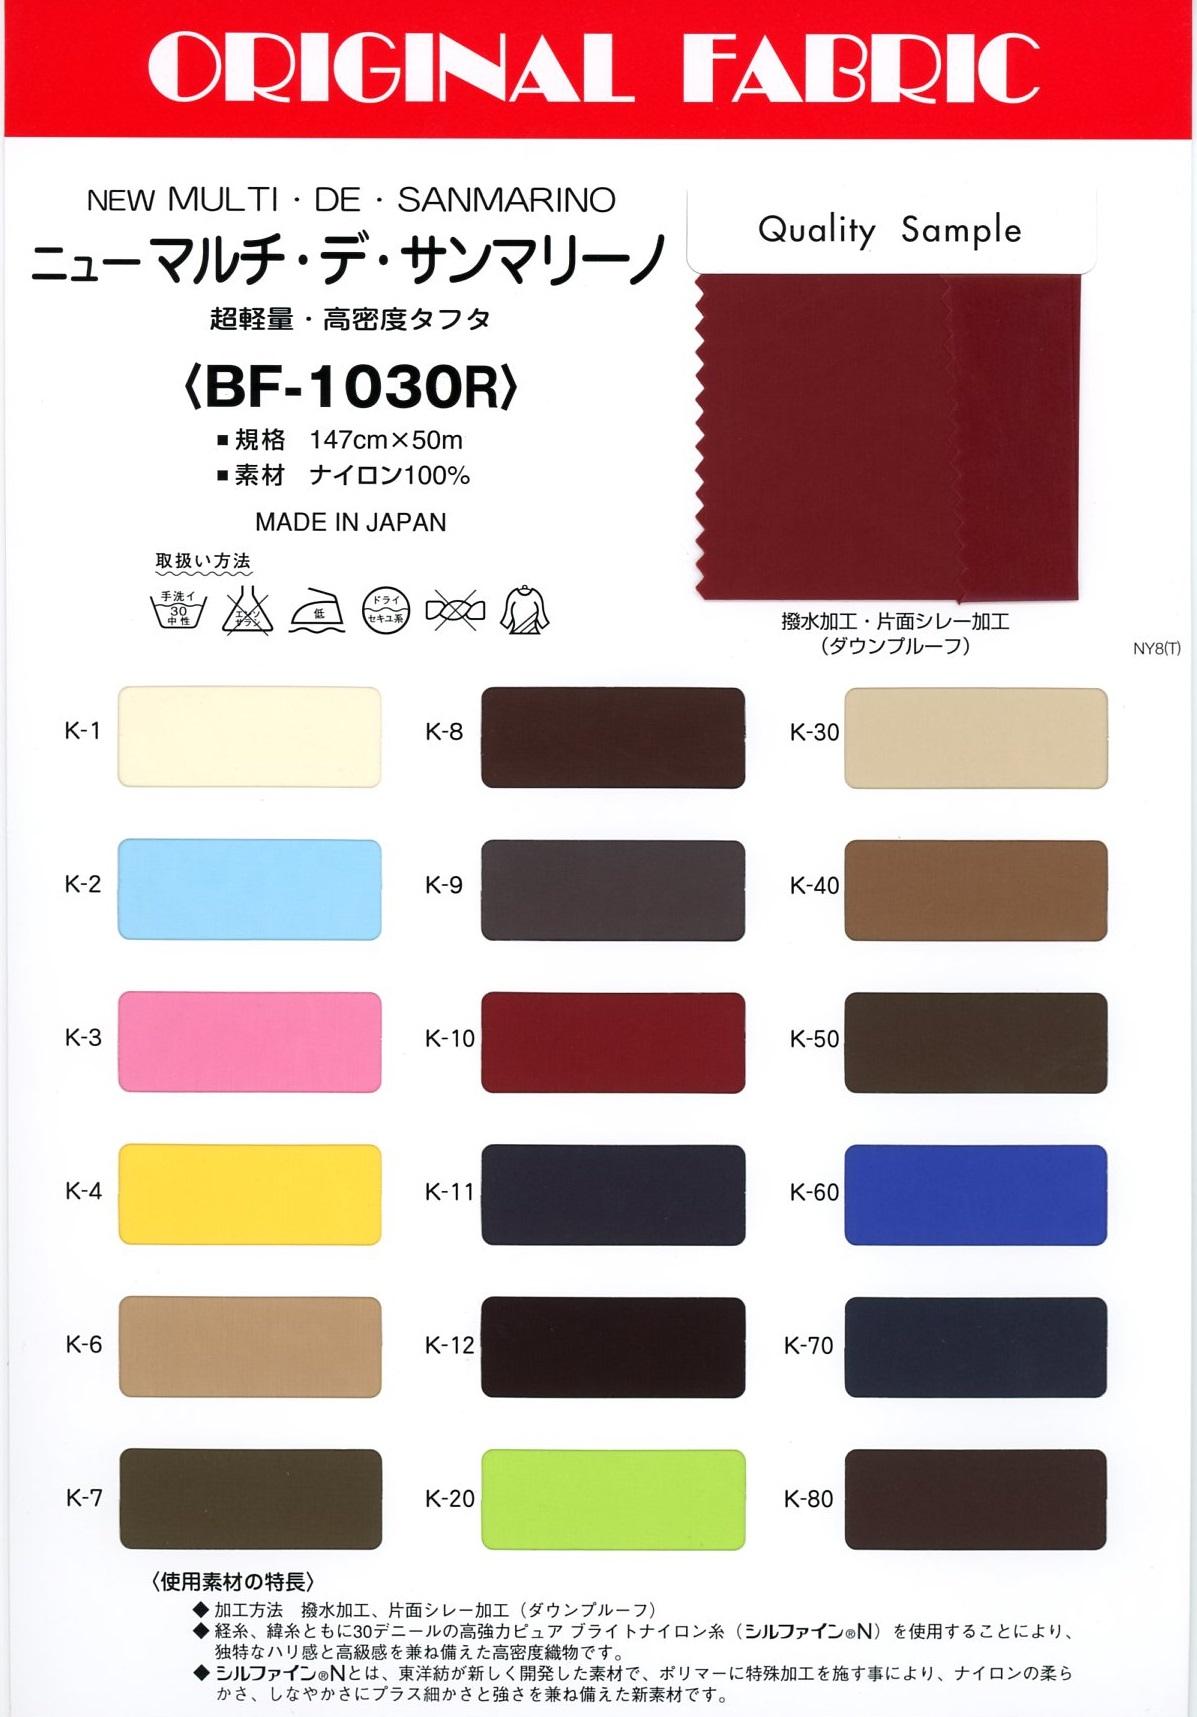 BF1030R ニューマルチ・デ・サンマリーノ[生地] Masuda(マスダ)/オークラ商事 - ApparelX アパレル資材卸通販